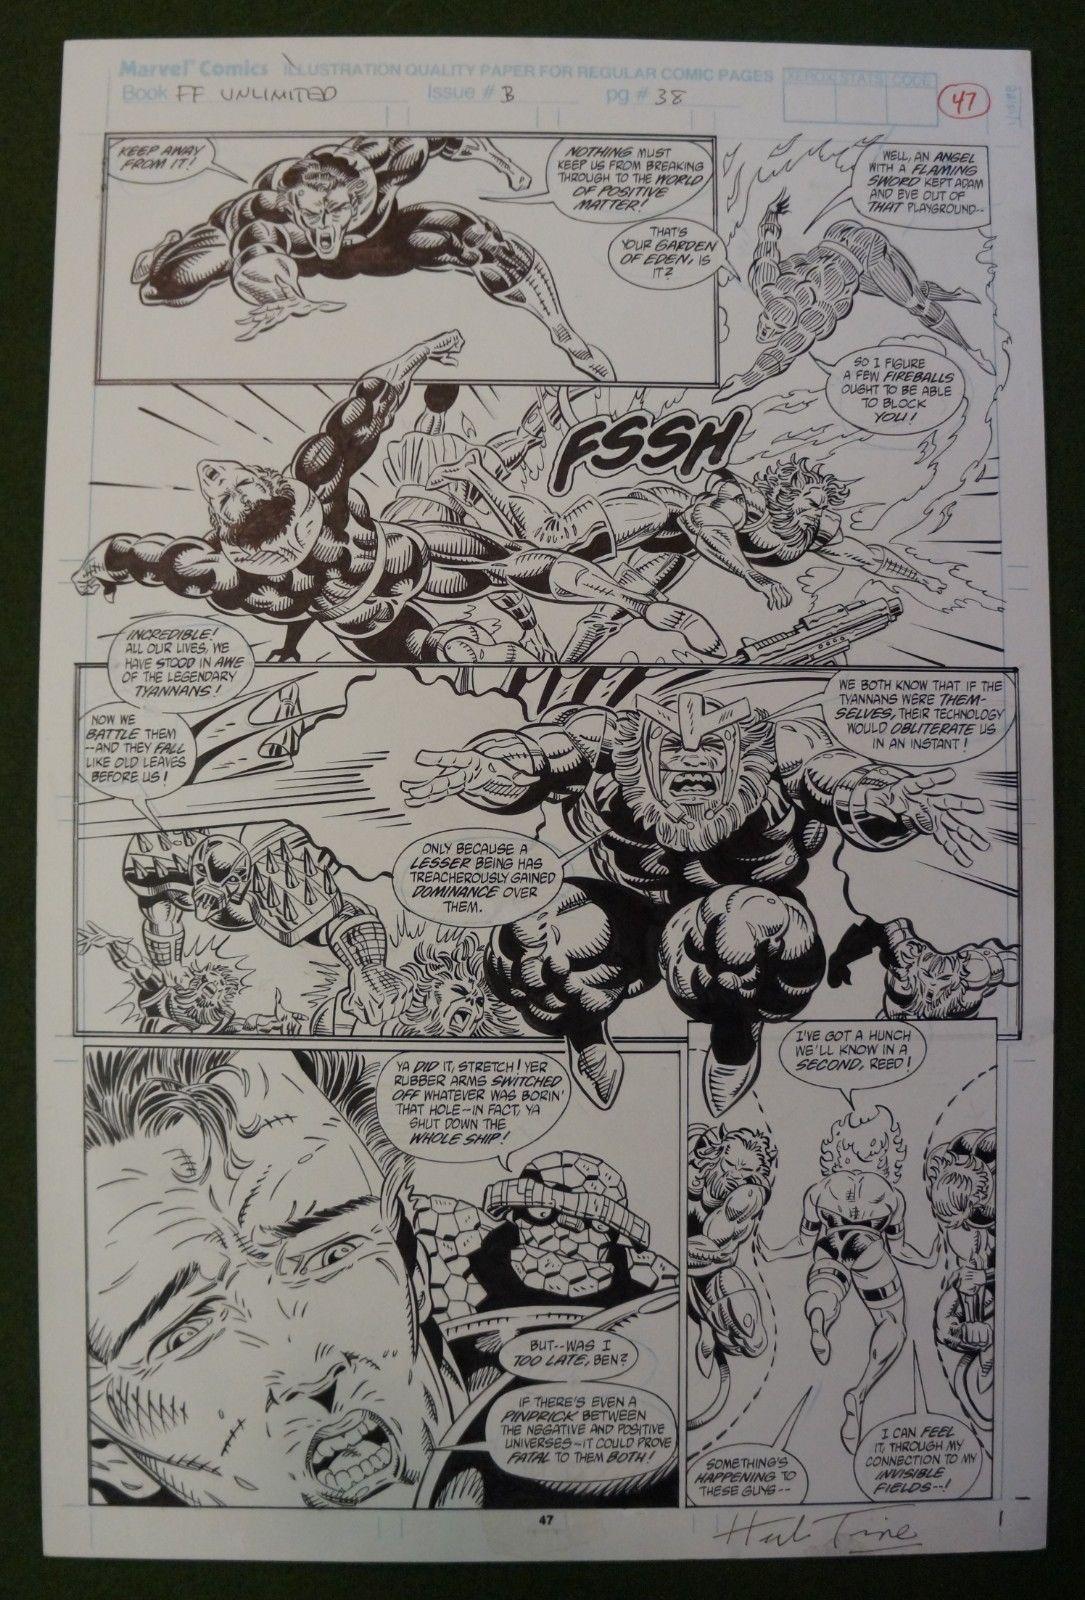 Fantastic Four Unlimited #3 pg 37 - HERB TRIMPE - Signed original art - 1993